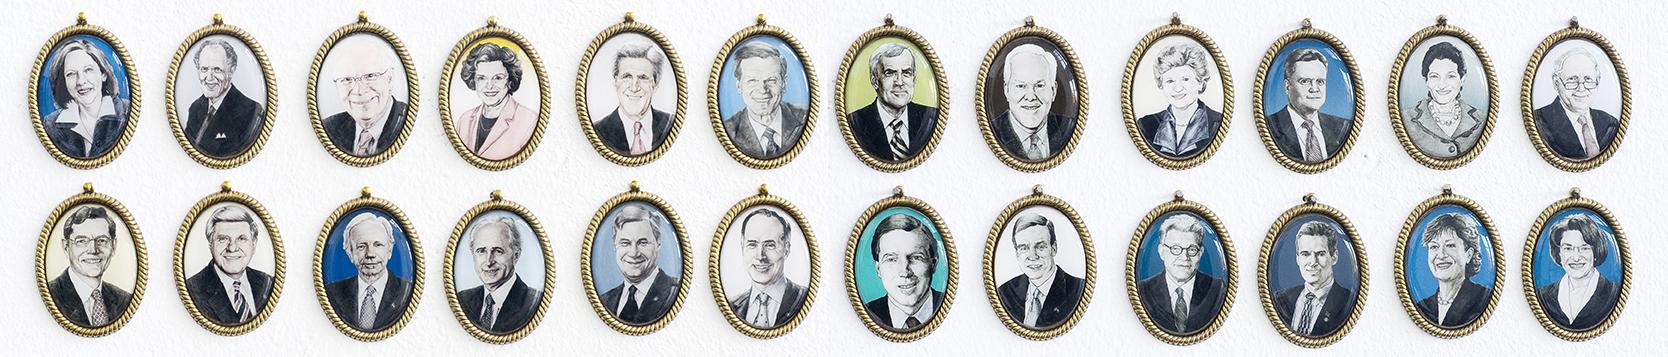 01_ Senators.jpg